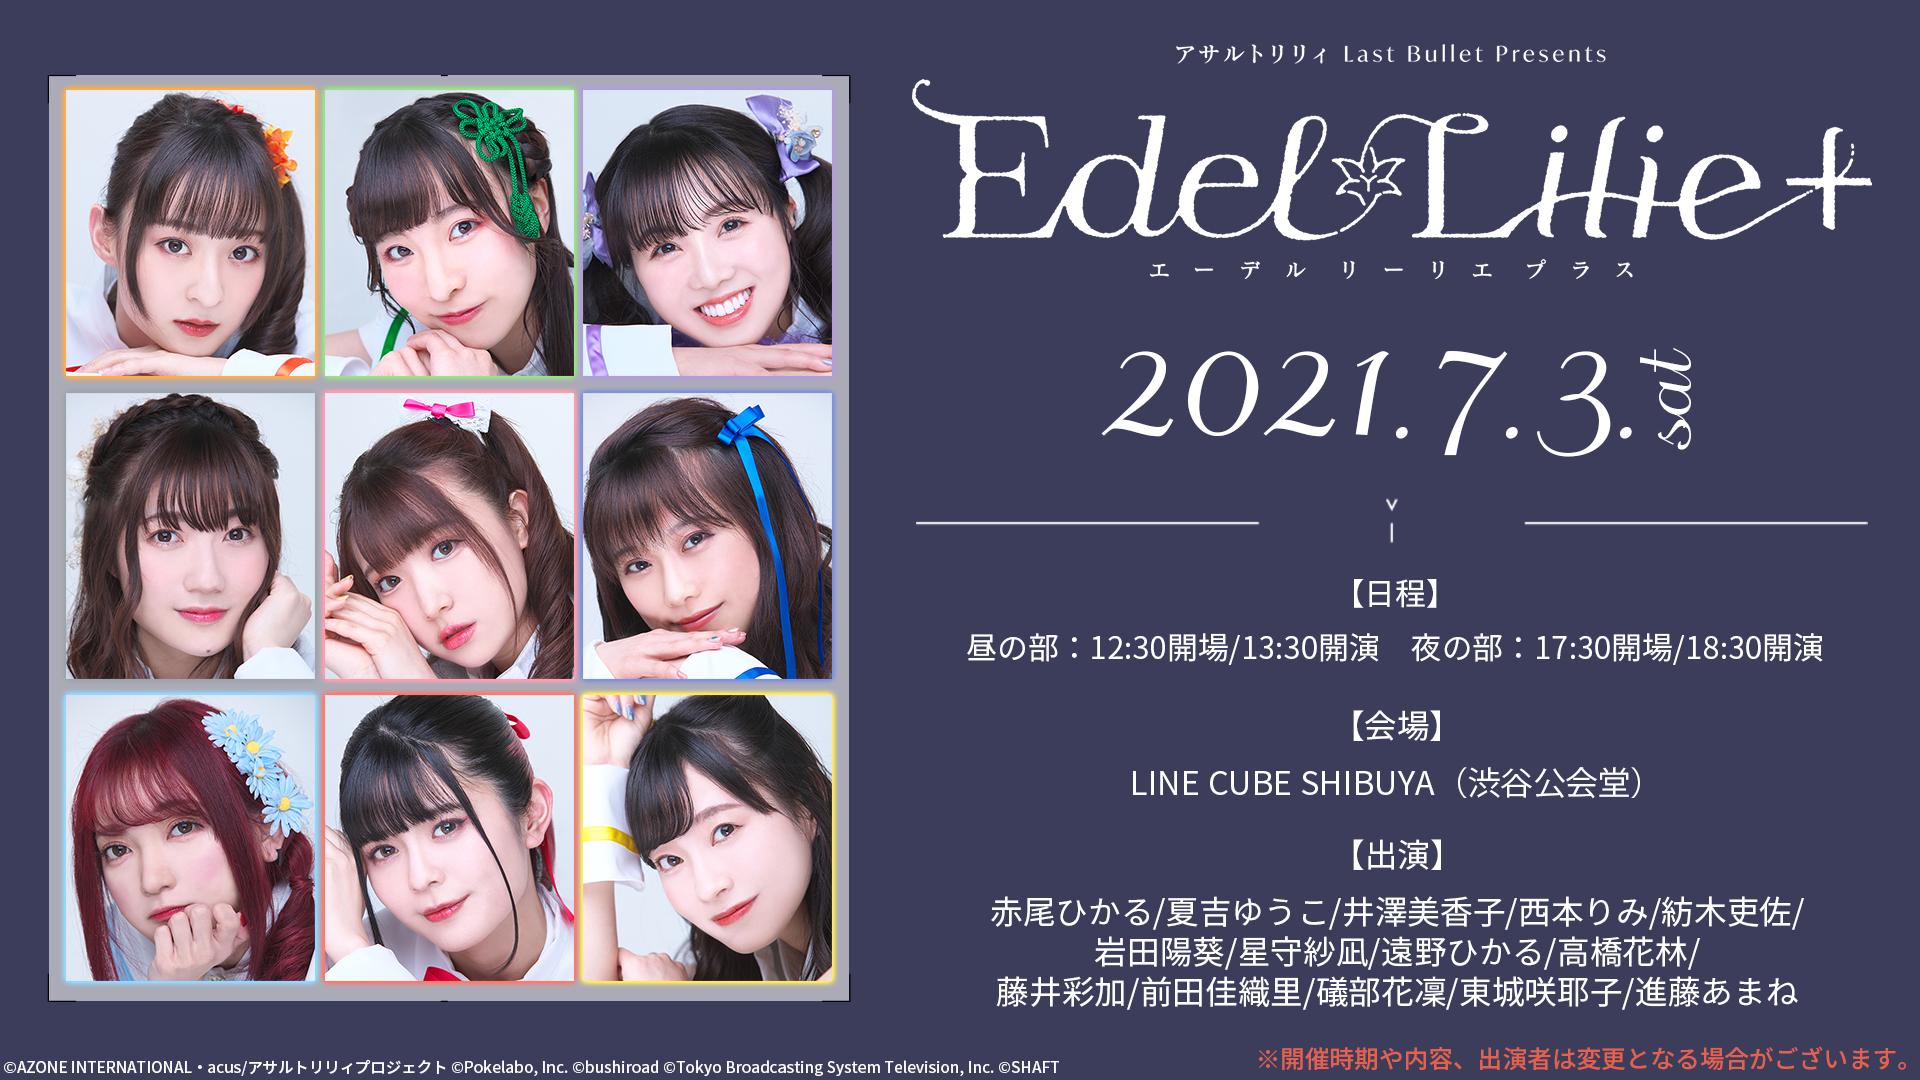 「アサルトリリィ Last Bullet Presents Edel Lilie+」オフィシャルストアin渋谷マルイ開催